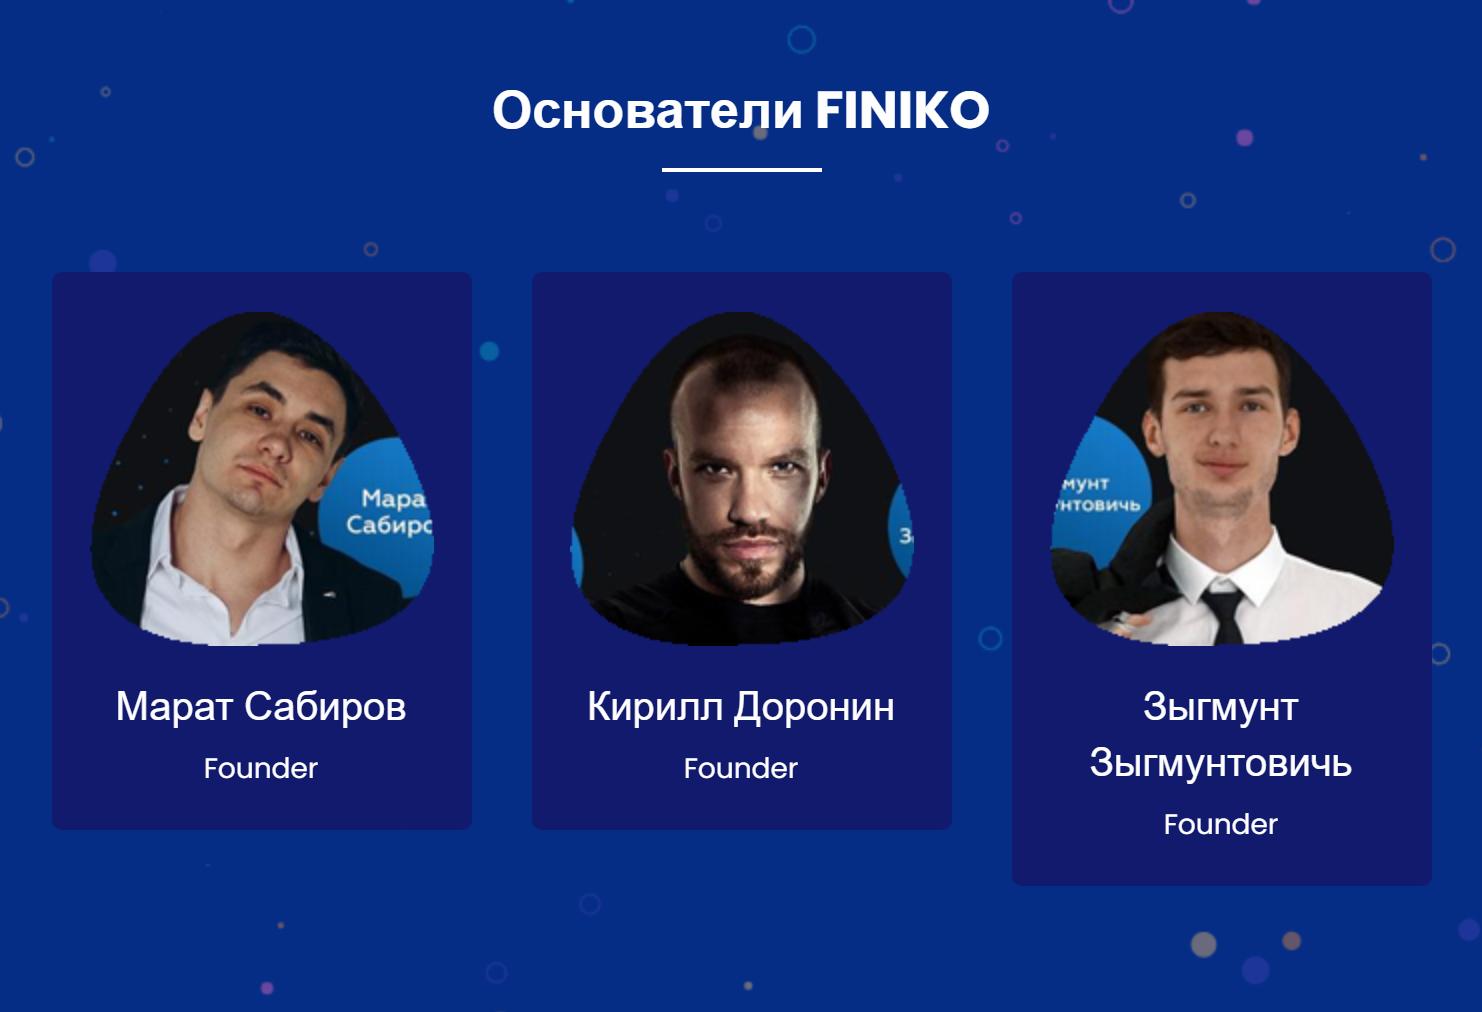 Сайт finiko.pro в числе основателей проекта также называет некоего Зыгмунта Зыгмунтовича. В независимых источниках мне не удалось найти человека со столь необычным именем, связанного с «Финико»